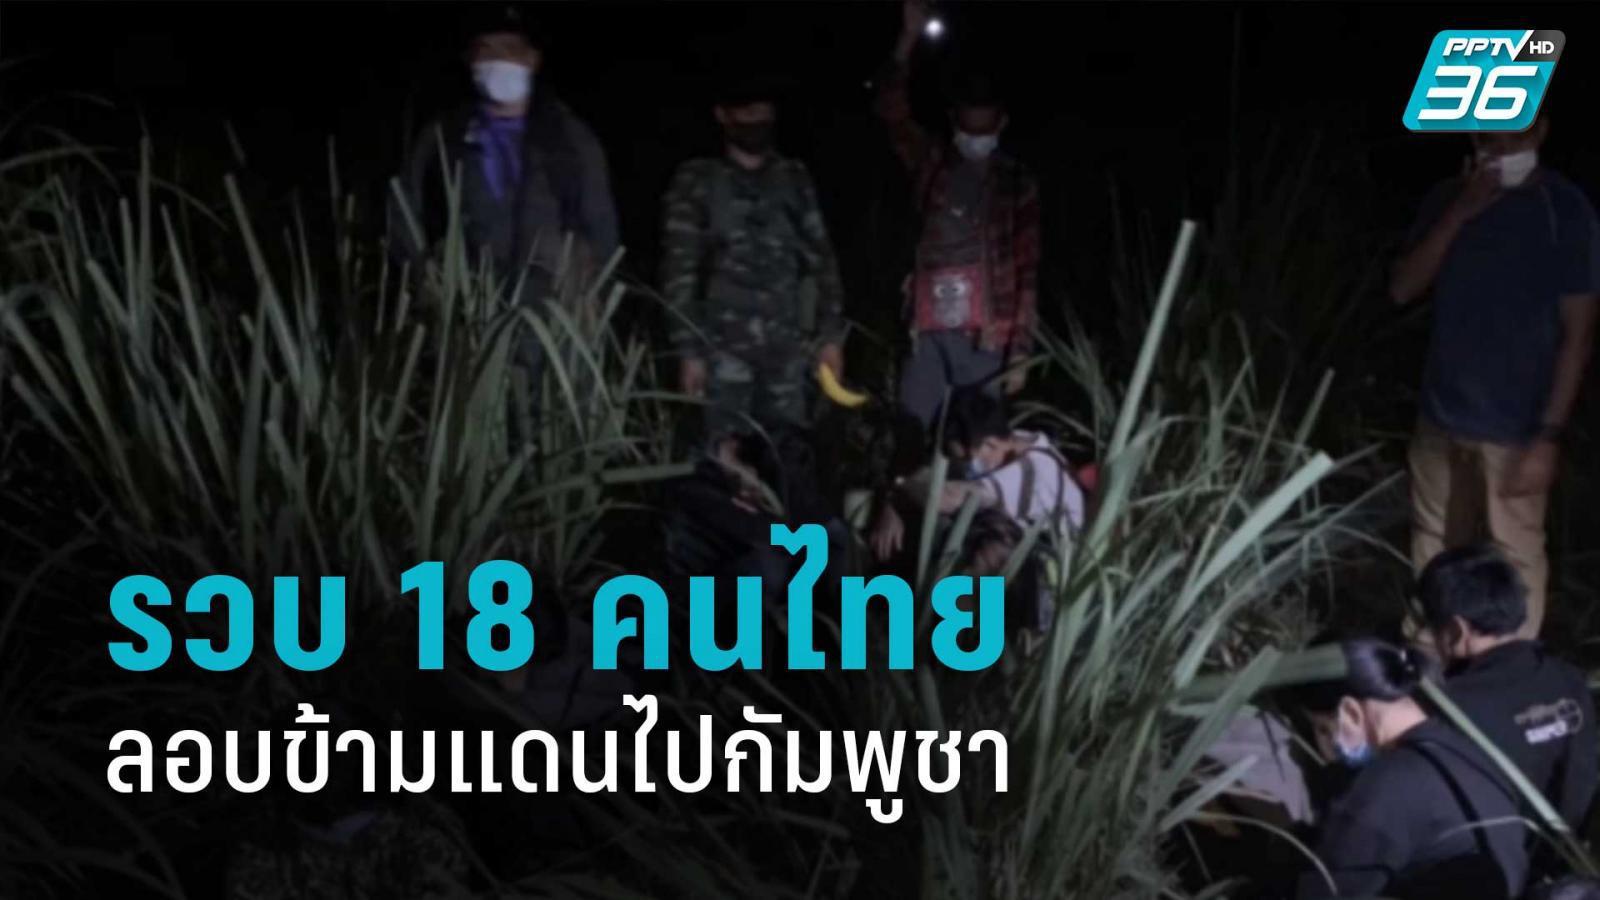 สระแก้ว รวบ 18 คนไทย ลักลอบข้ามแดนไปกัมพูชา เผยเจ้าของบ่อนออนไลน์ออกค่าใช้จ่าย